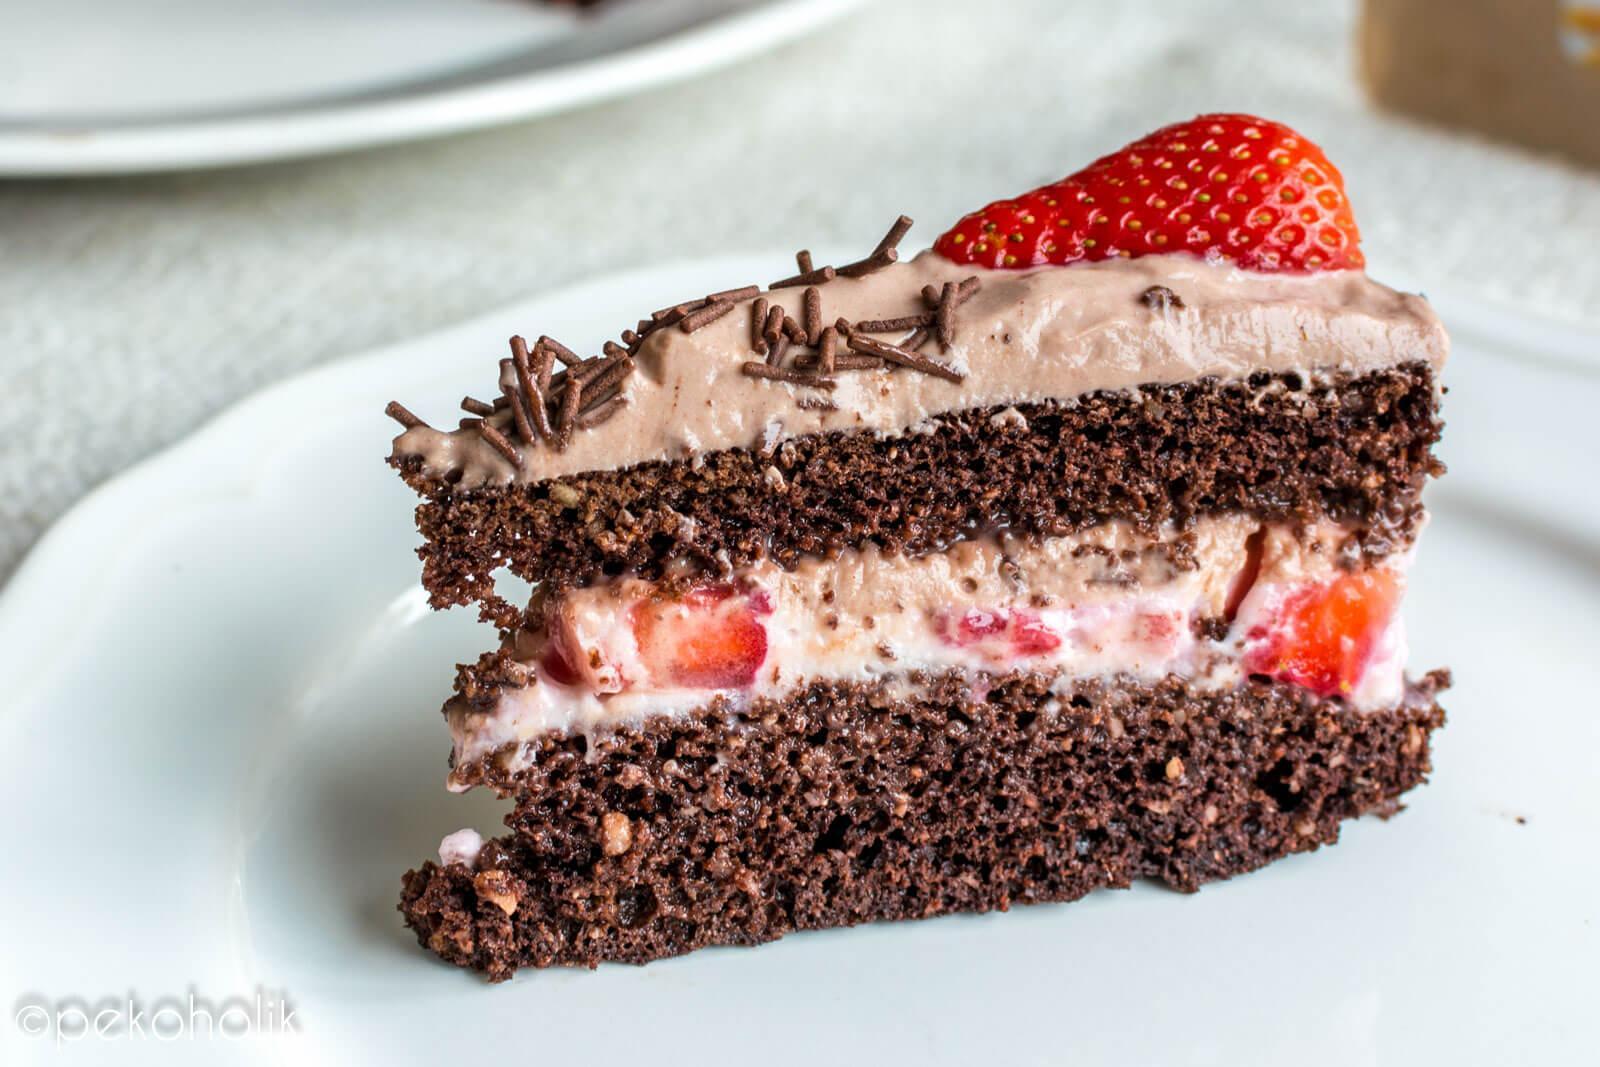 jagodno-čokoladna torta brez moke